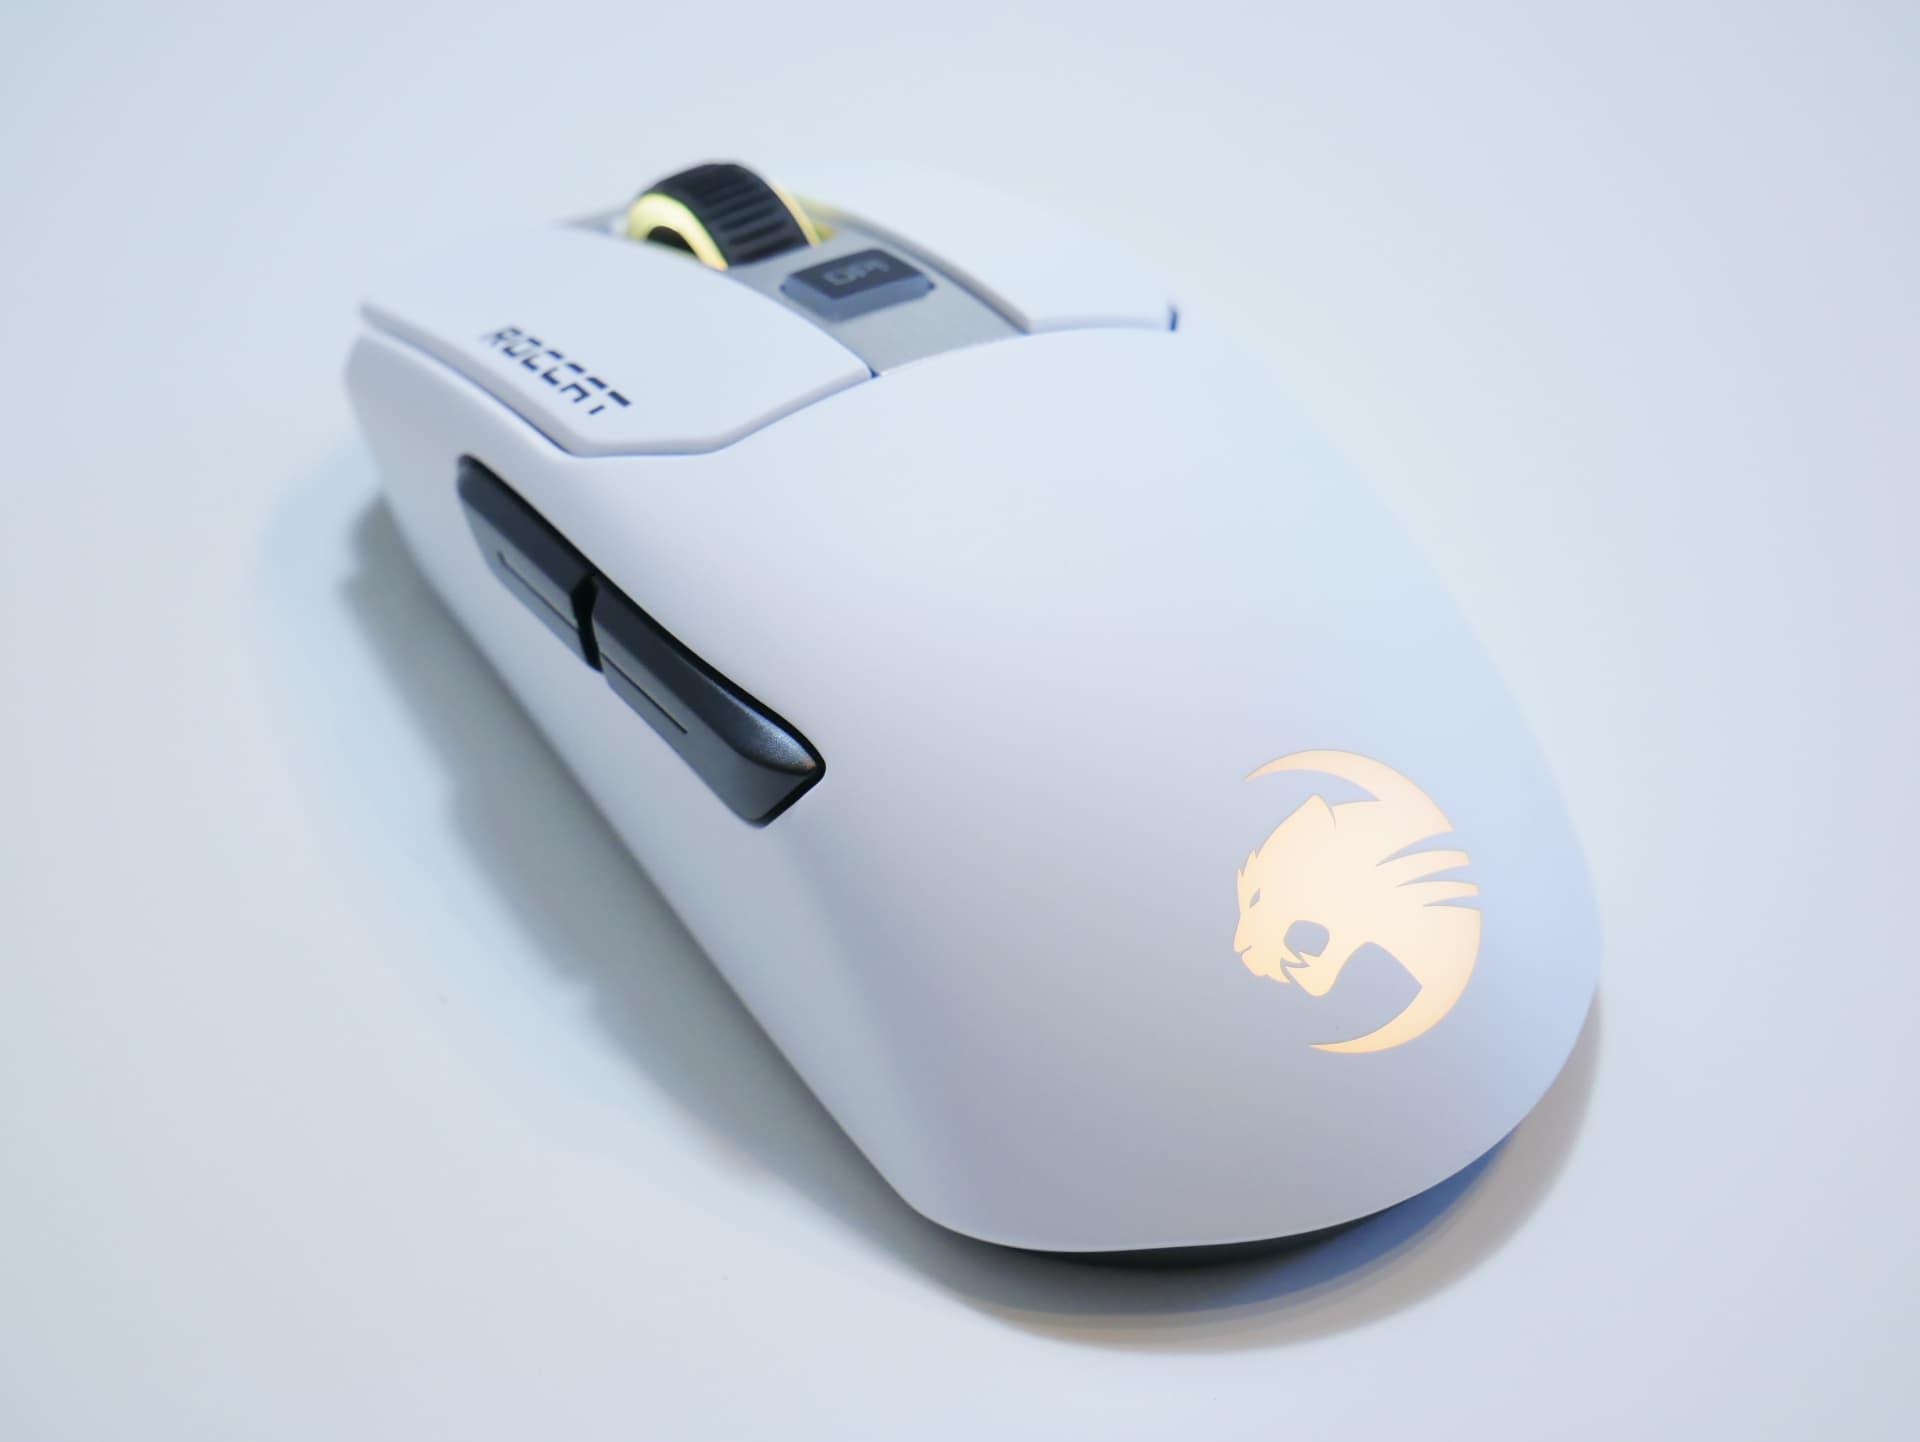 「ROCCAT Kain 200/202 AIMO」レビュー。優秀なコーティングとスイッチは健在、無線化で完成度が増した良ゲーミングマウス